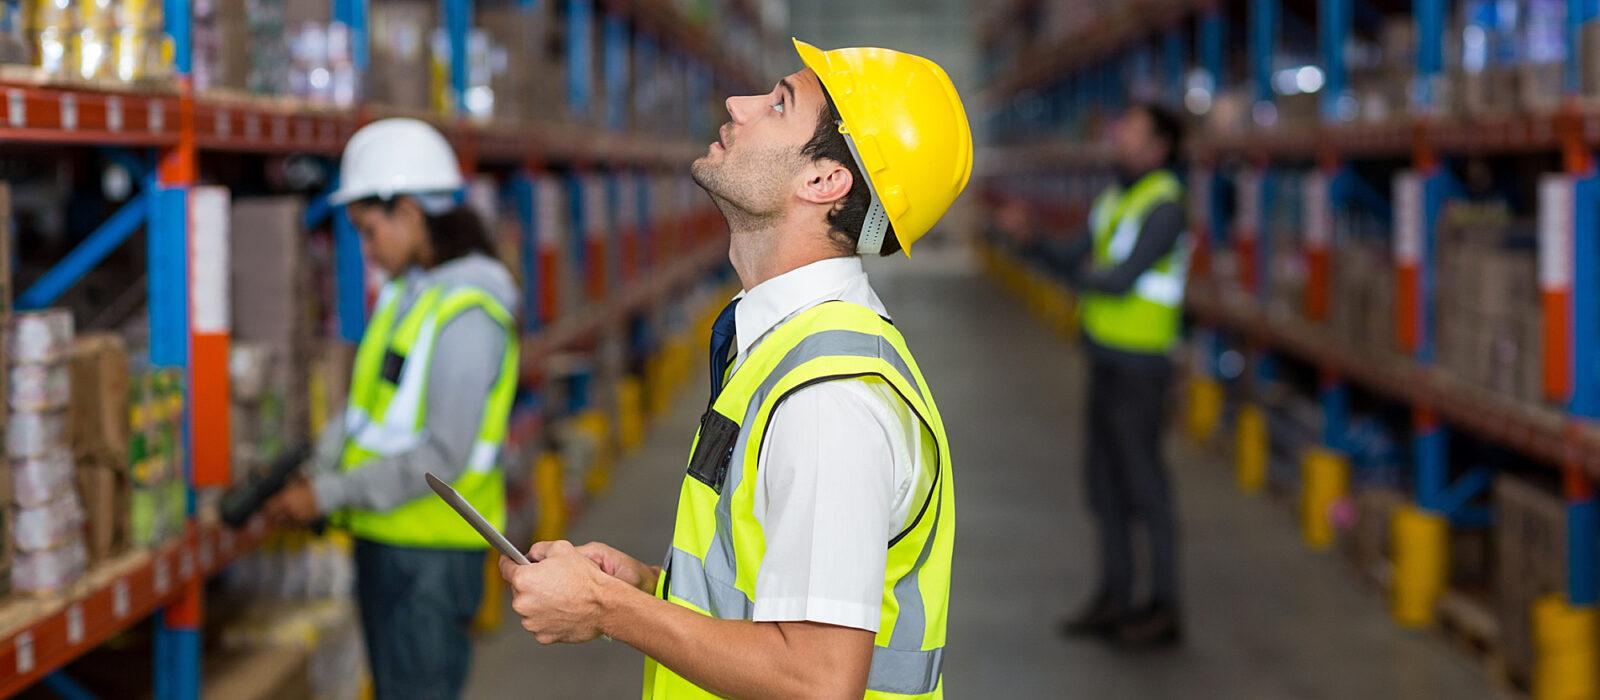 Herstellingen onderhoud inspecties